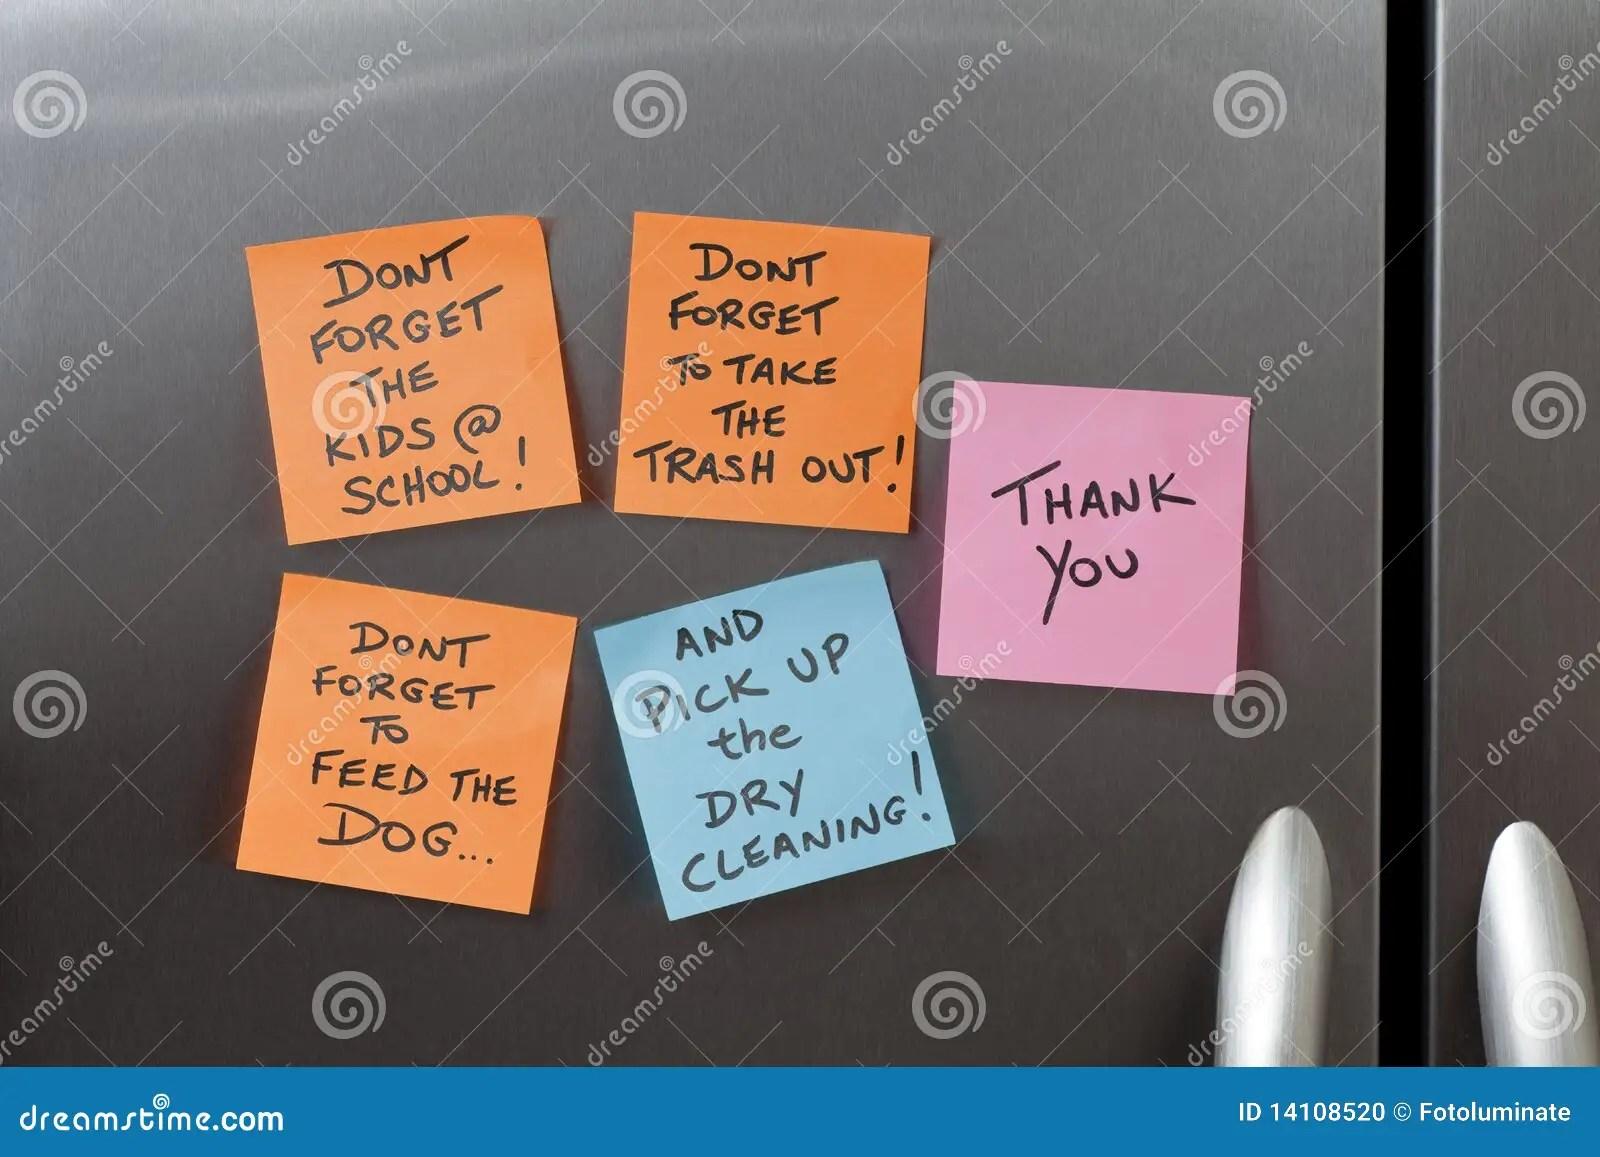 Sticky Notes On A Refrigerator Stock Photo  Image 14108520